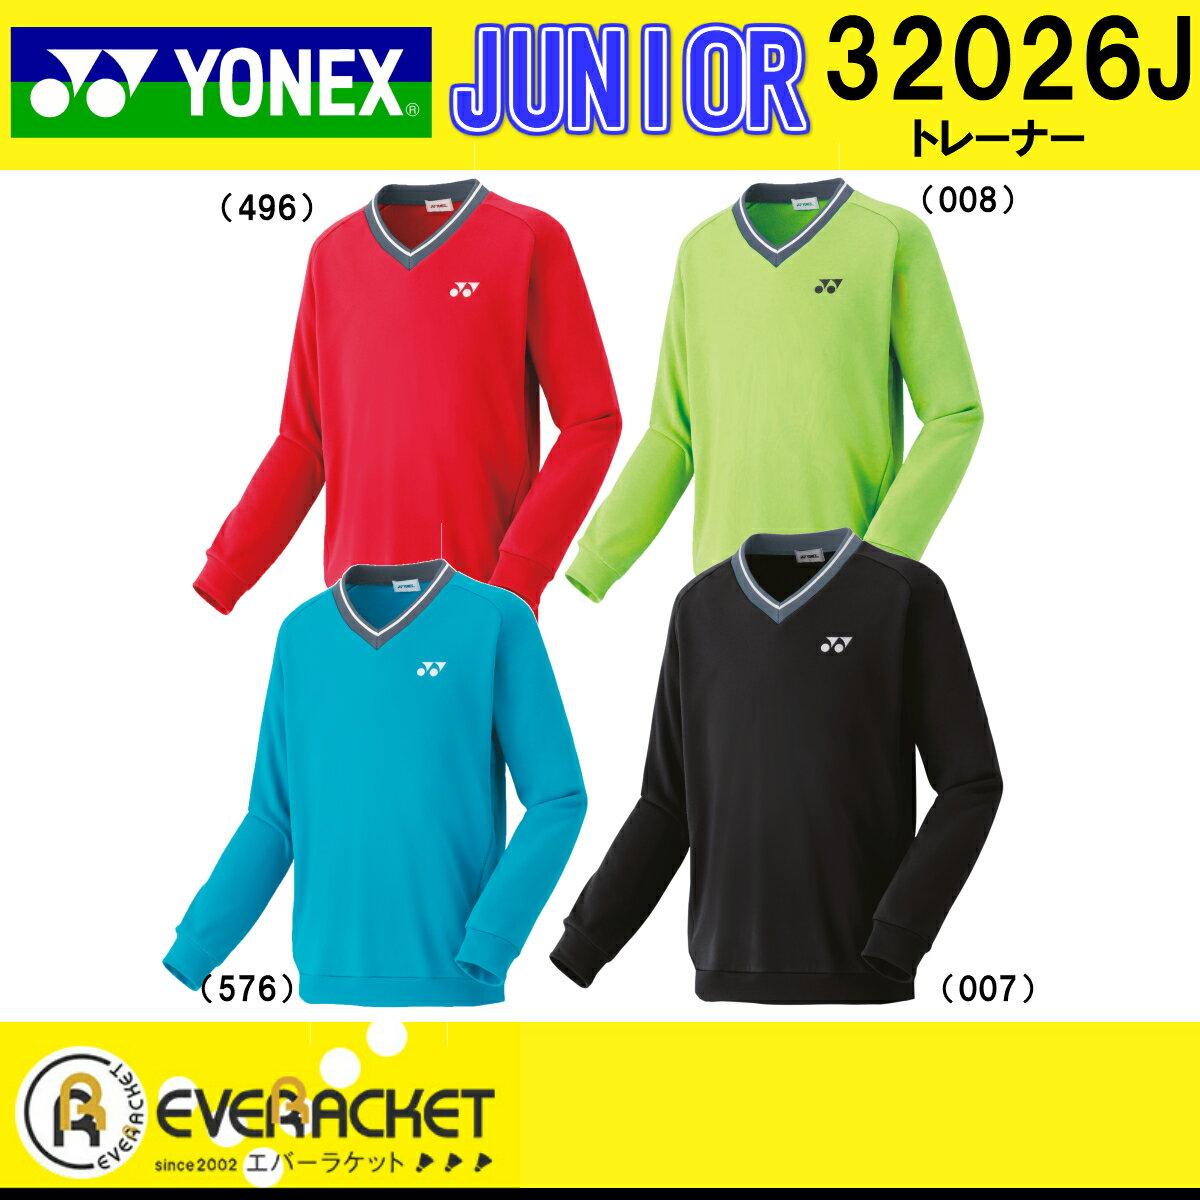 【お買い得商品】YONEX ヨネックス バドミントン テニス ソフトテニス ウエア ジュニアトレーナー 32026J